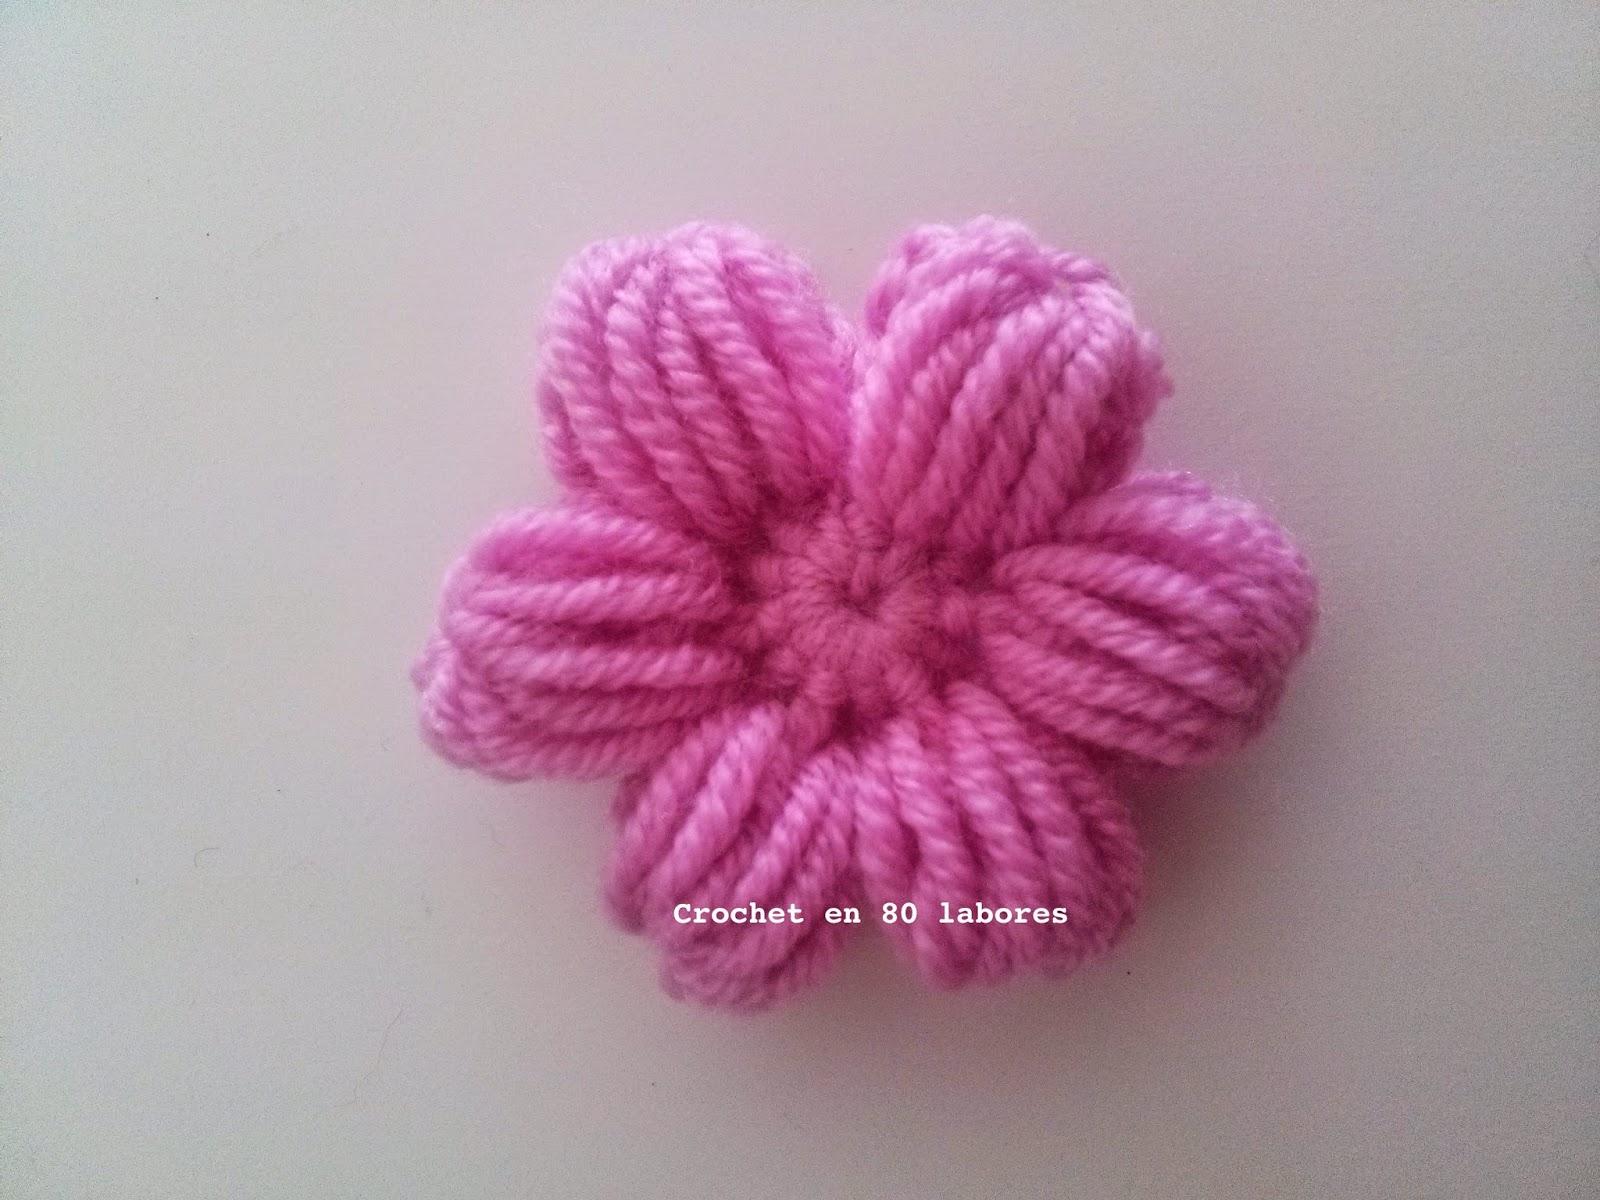 Crochet en 80 labores v deotutorial para tejer una flor for Alfombra en ingles como se escribe